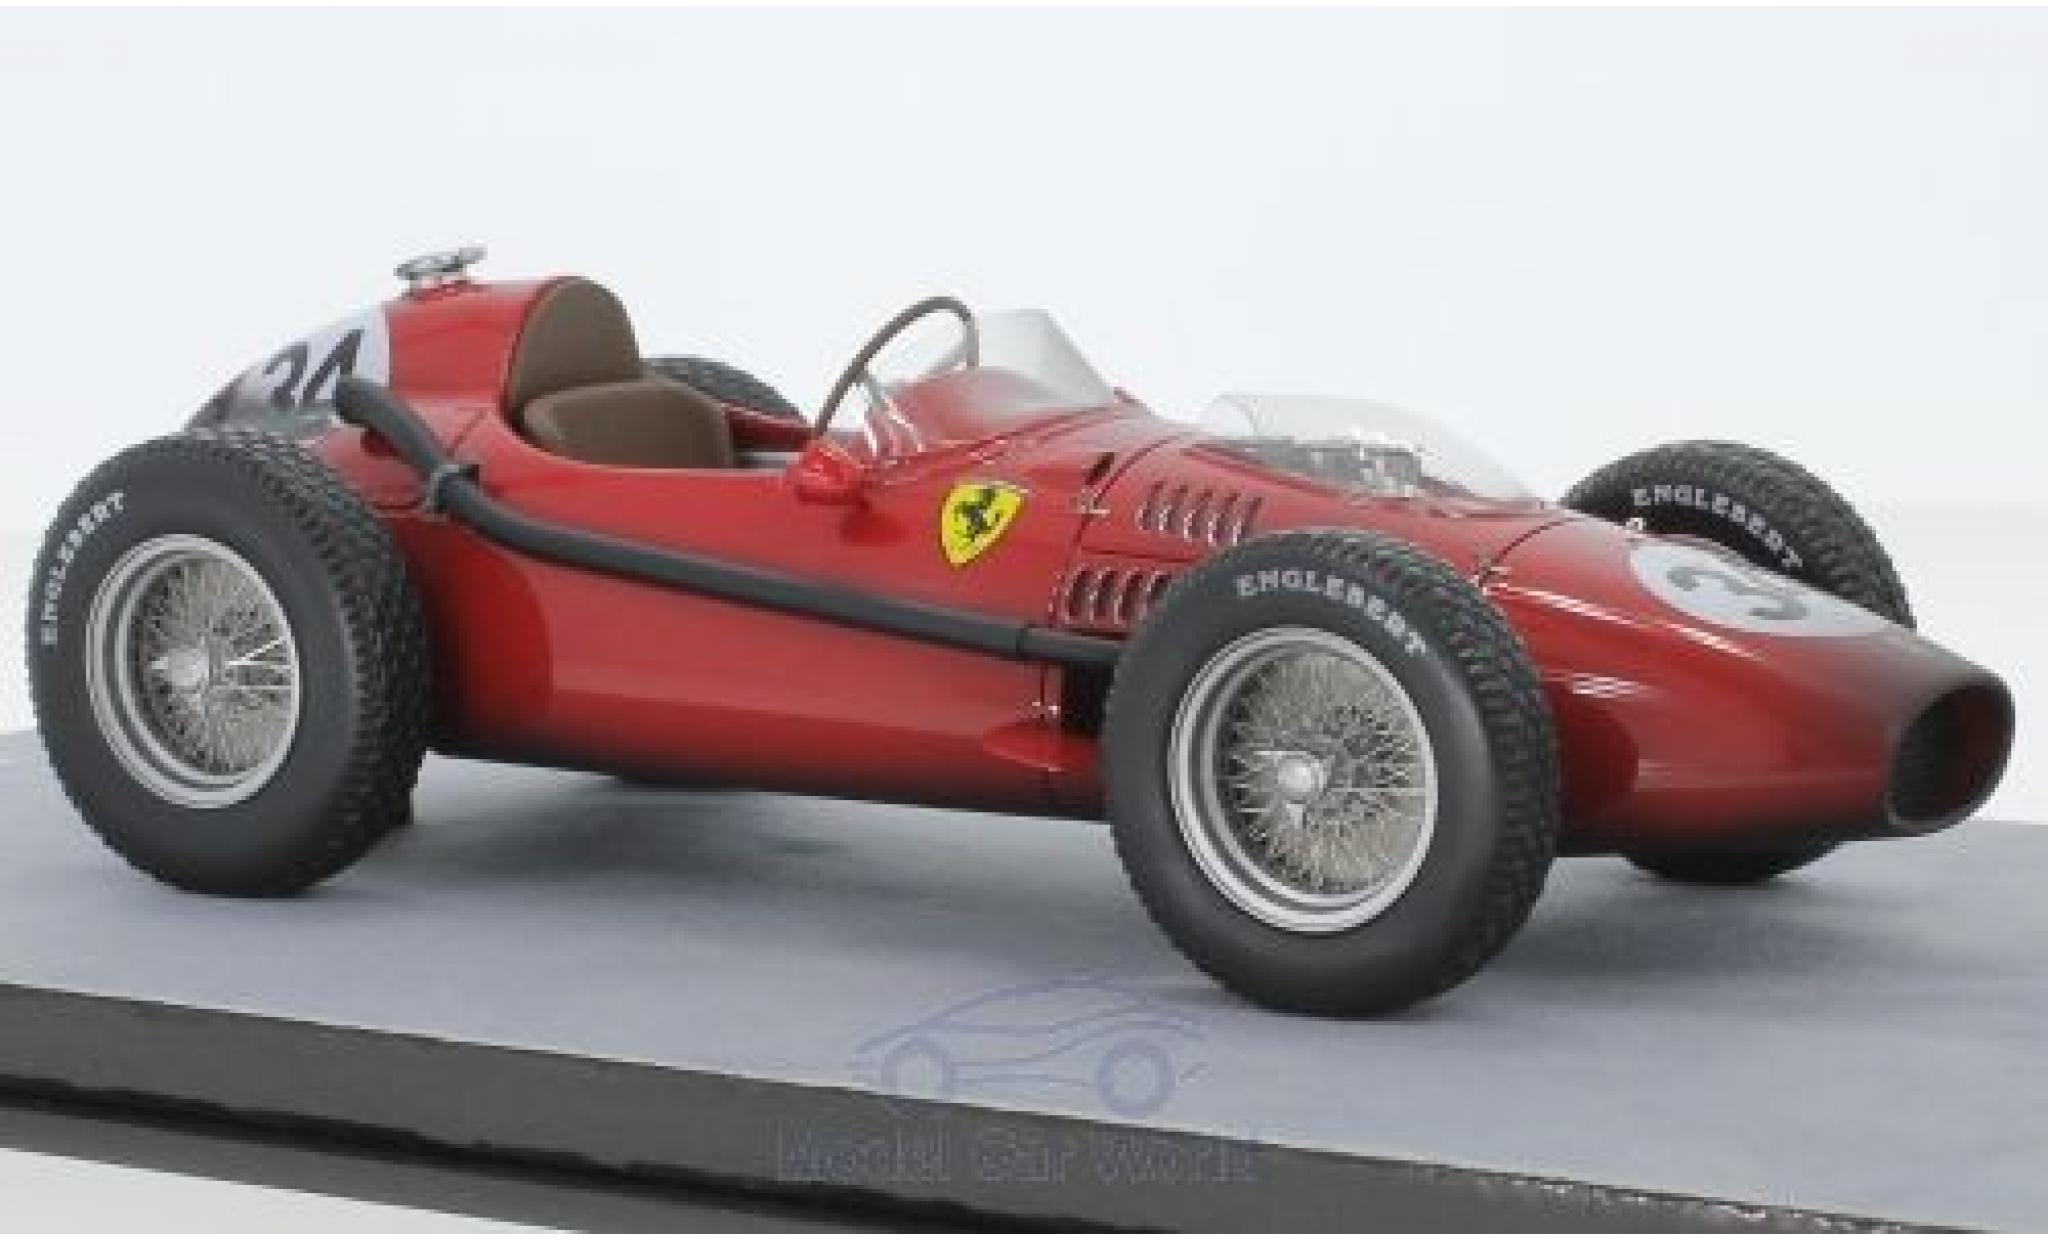 Ferrari Dino 1/18 Tecnomodel 246 F1 No.34 Formel 1 GP Monaco 1958 Final Race Version L.Musso